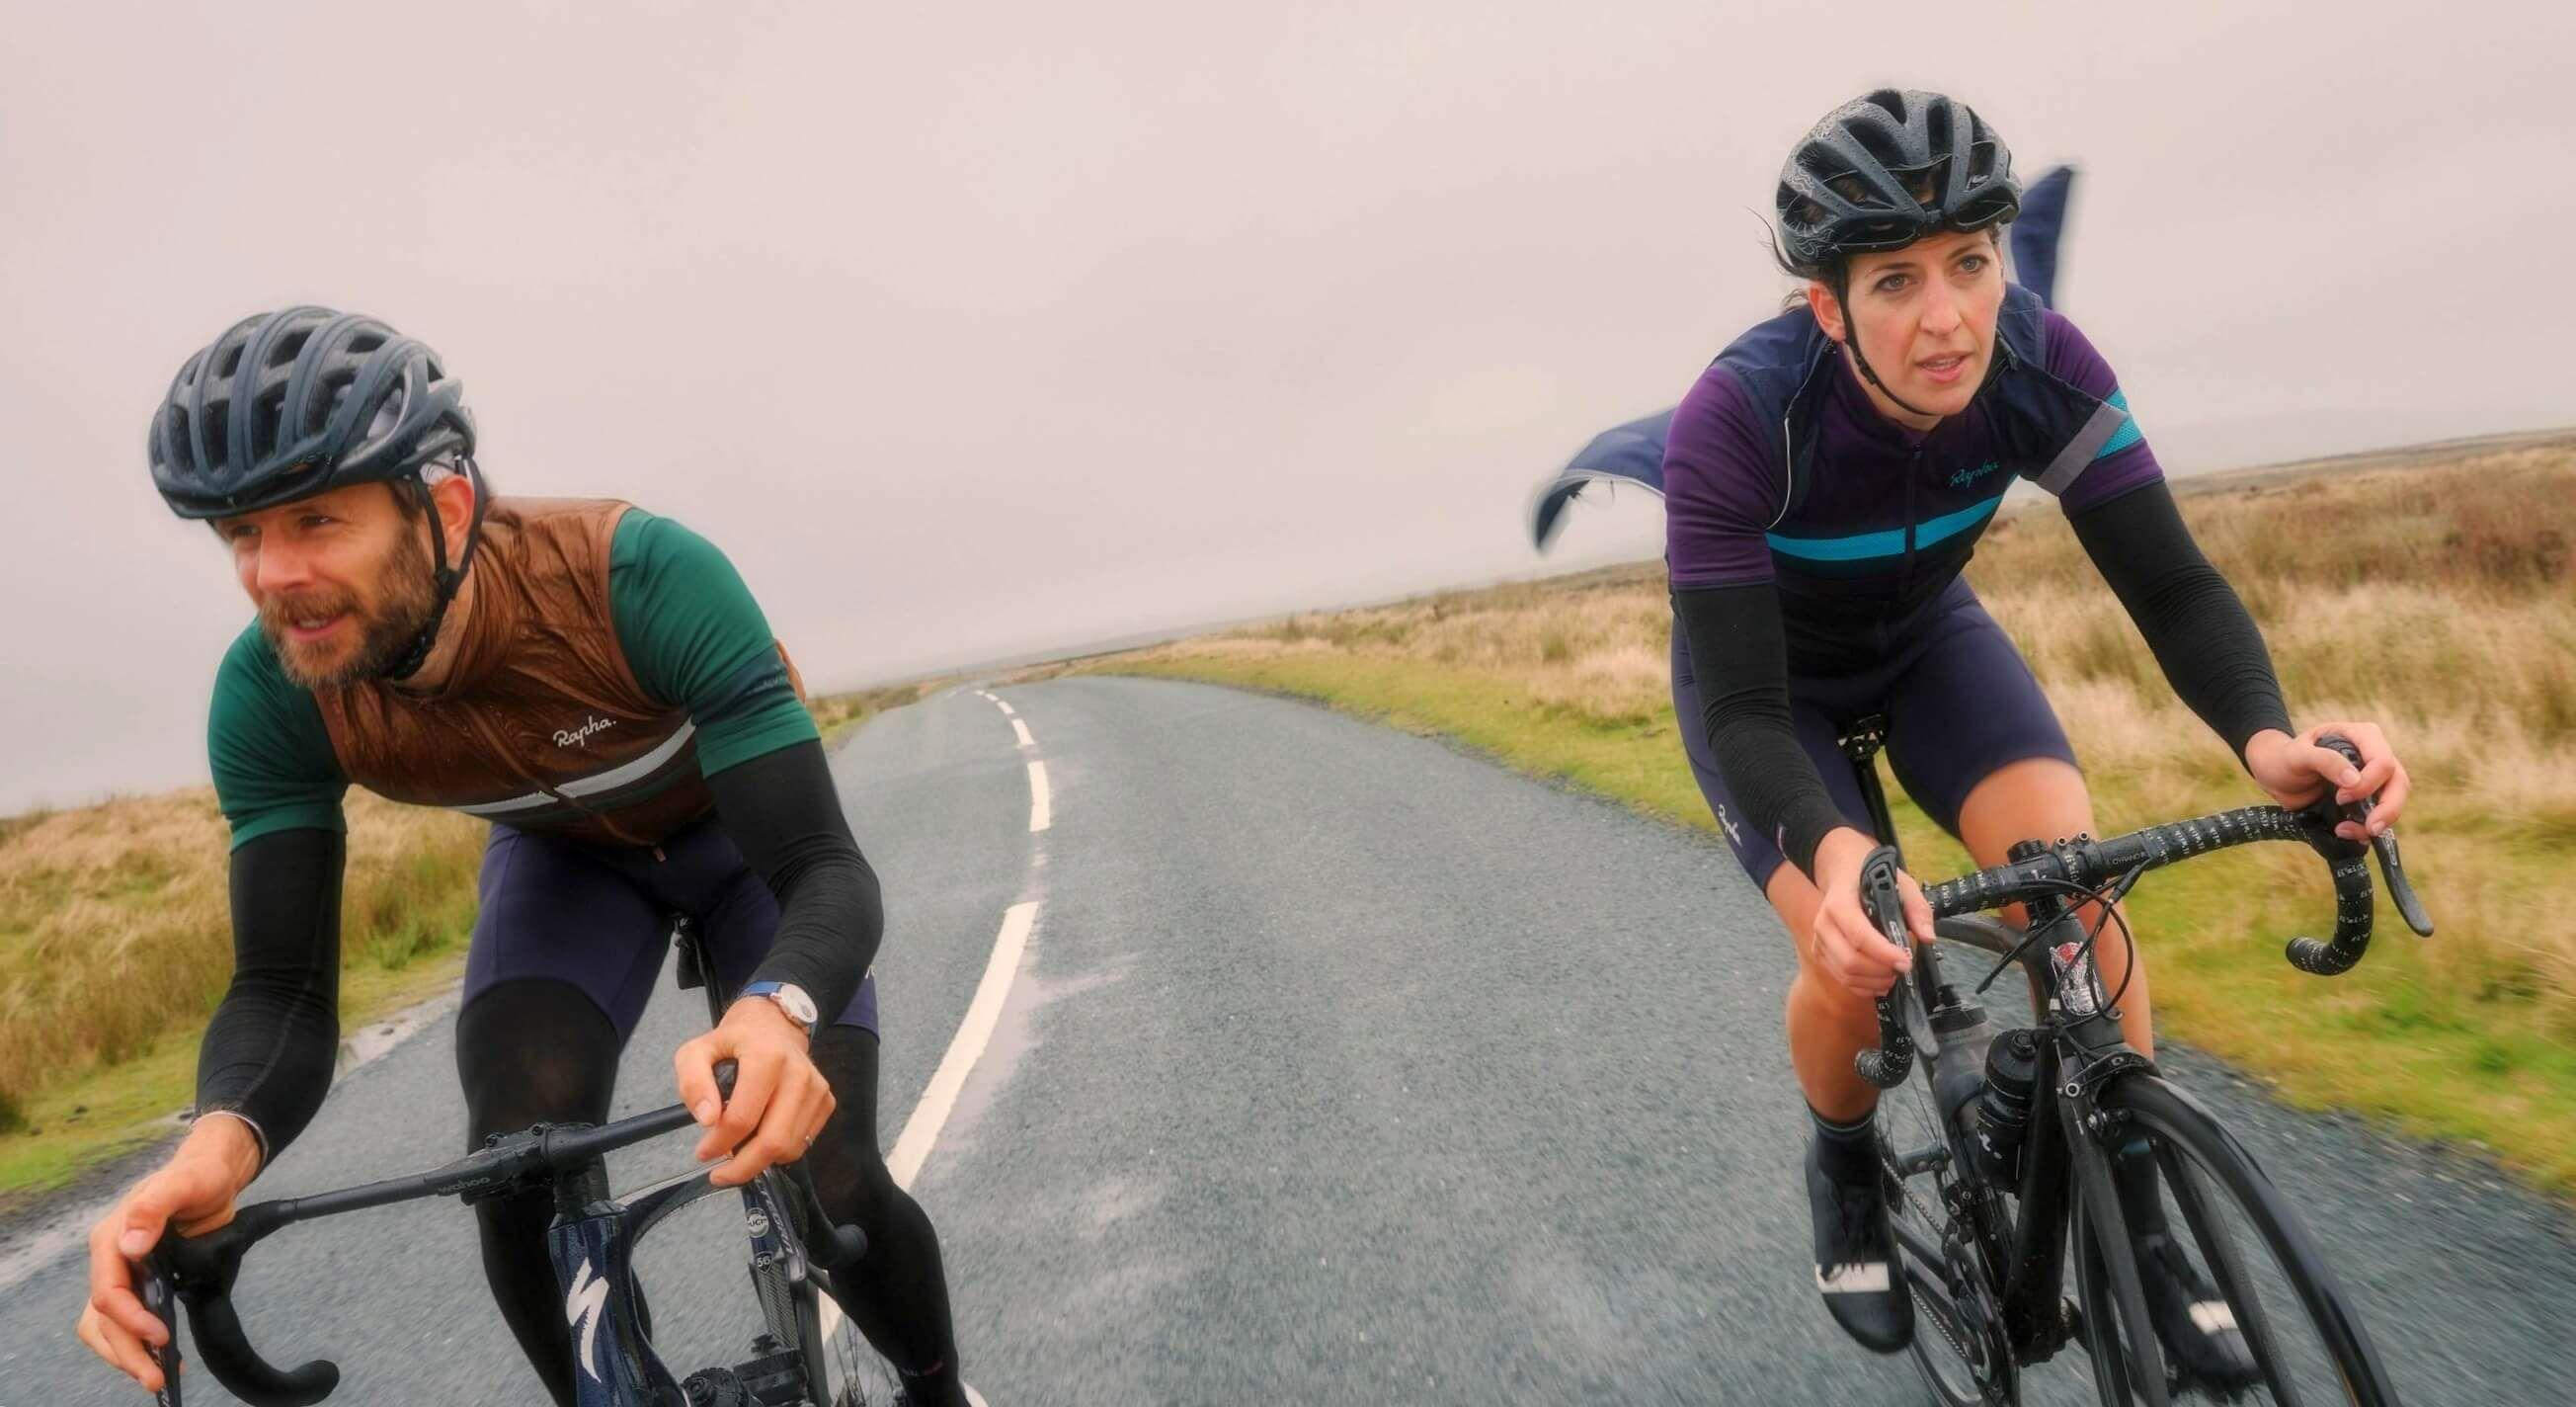 14_hogyan öltözködj kerékpározáshoz szélben hűvös időjárásban